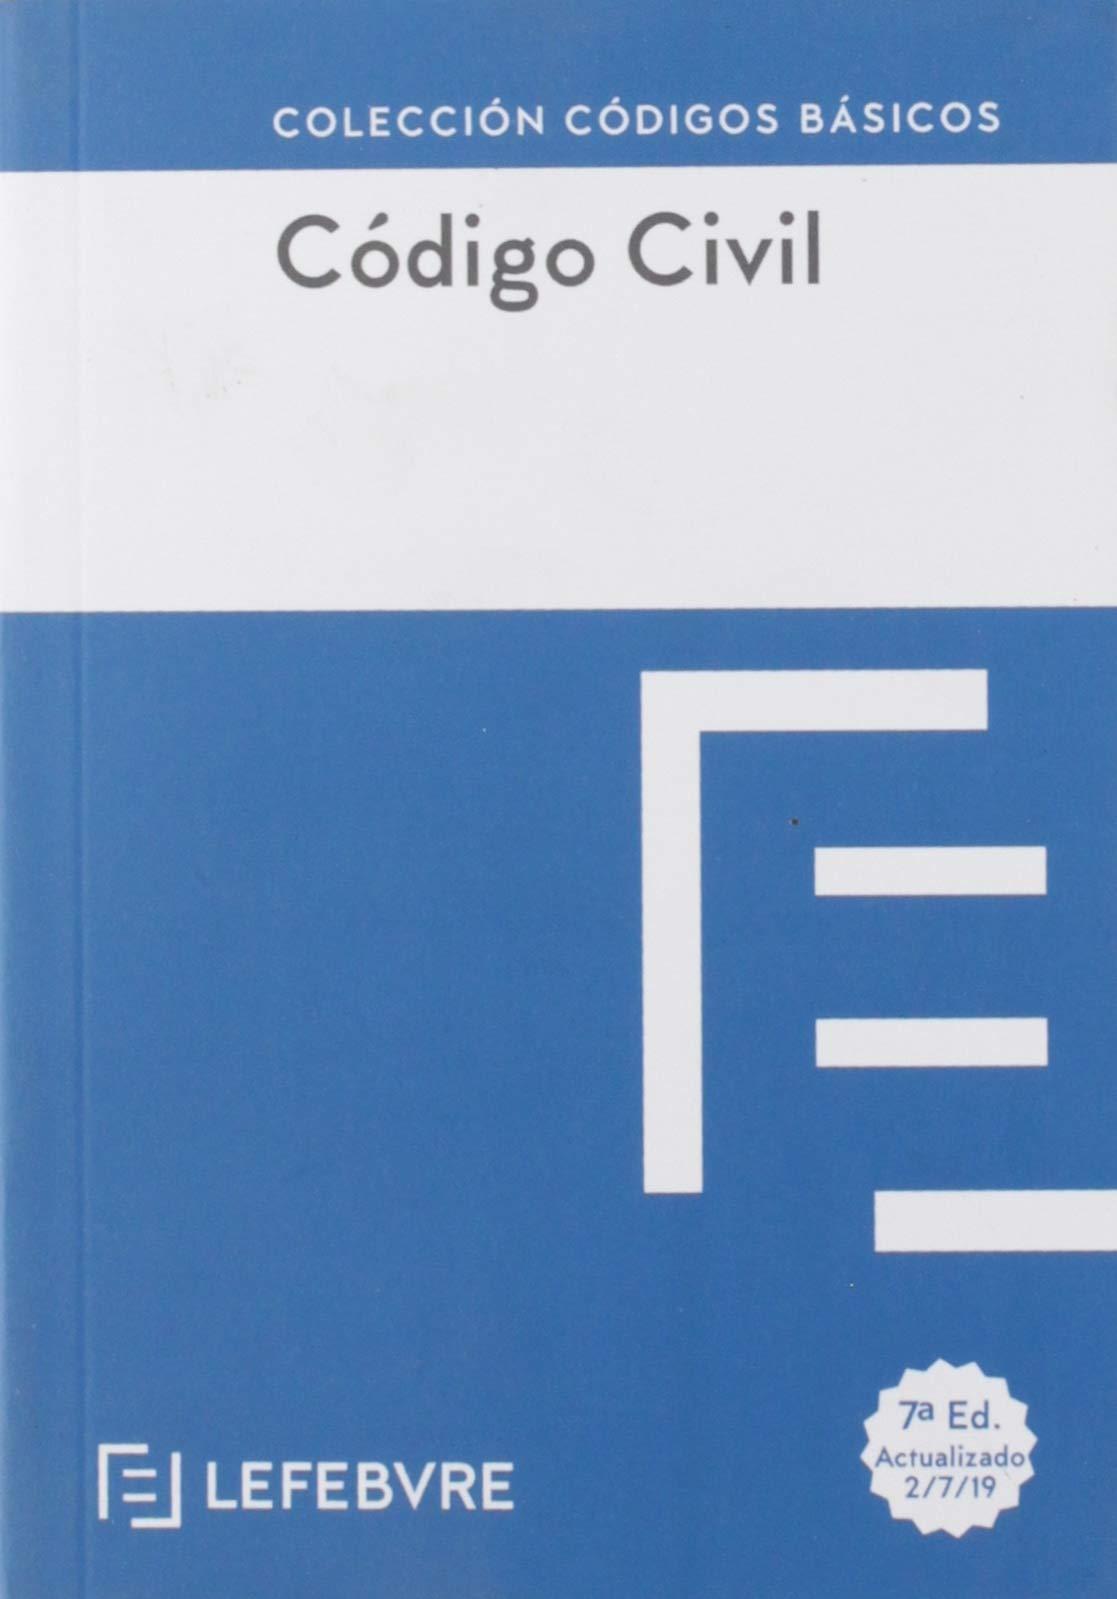 CODIGO CIVIL 7ª edc.: Código Básico (Códigos Básicos): Amazon.es: Lefebvre-El Derecho: Libros